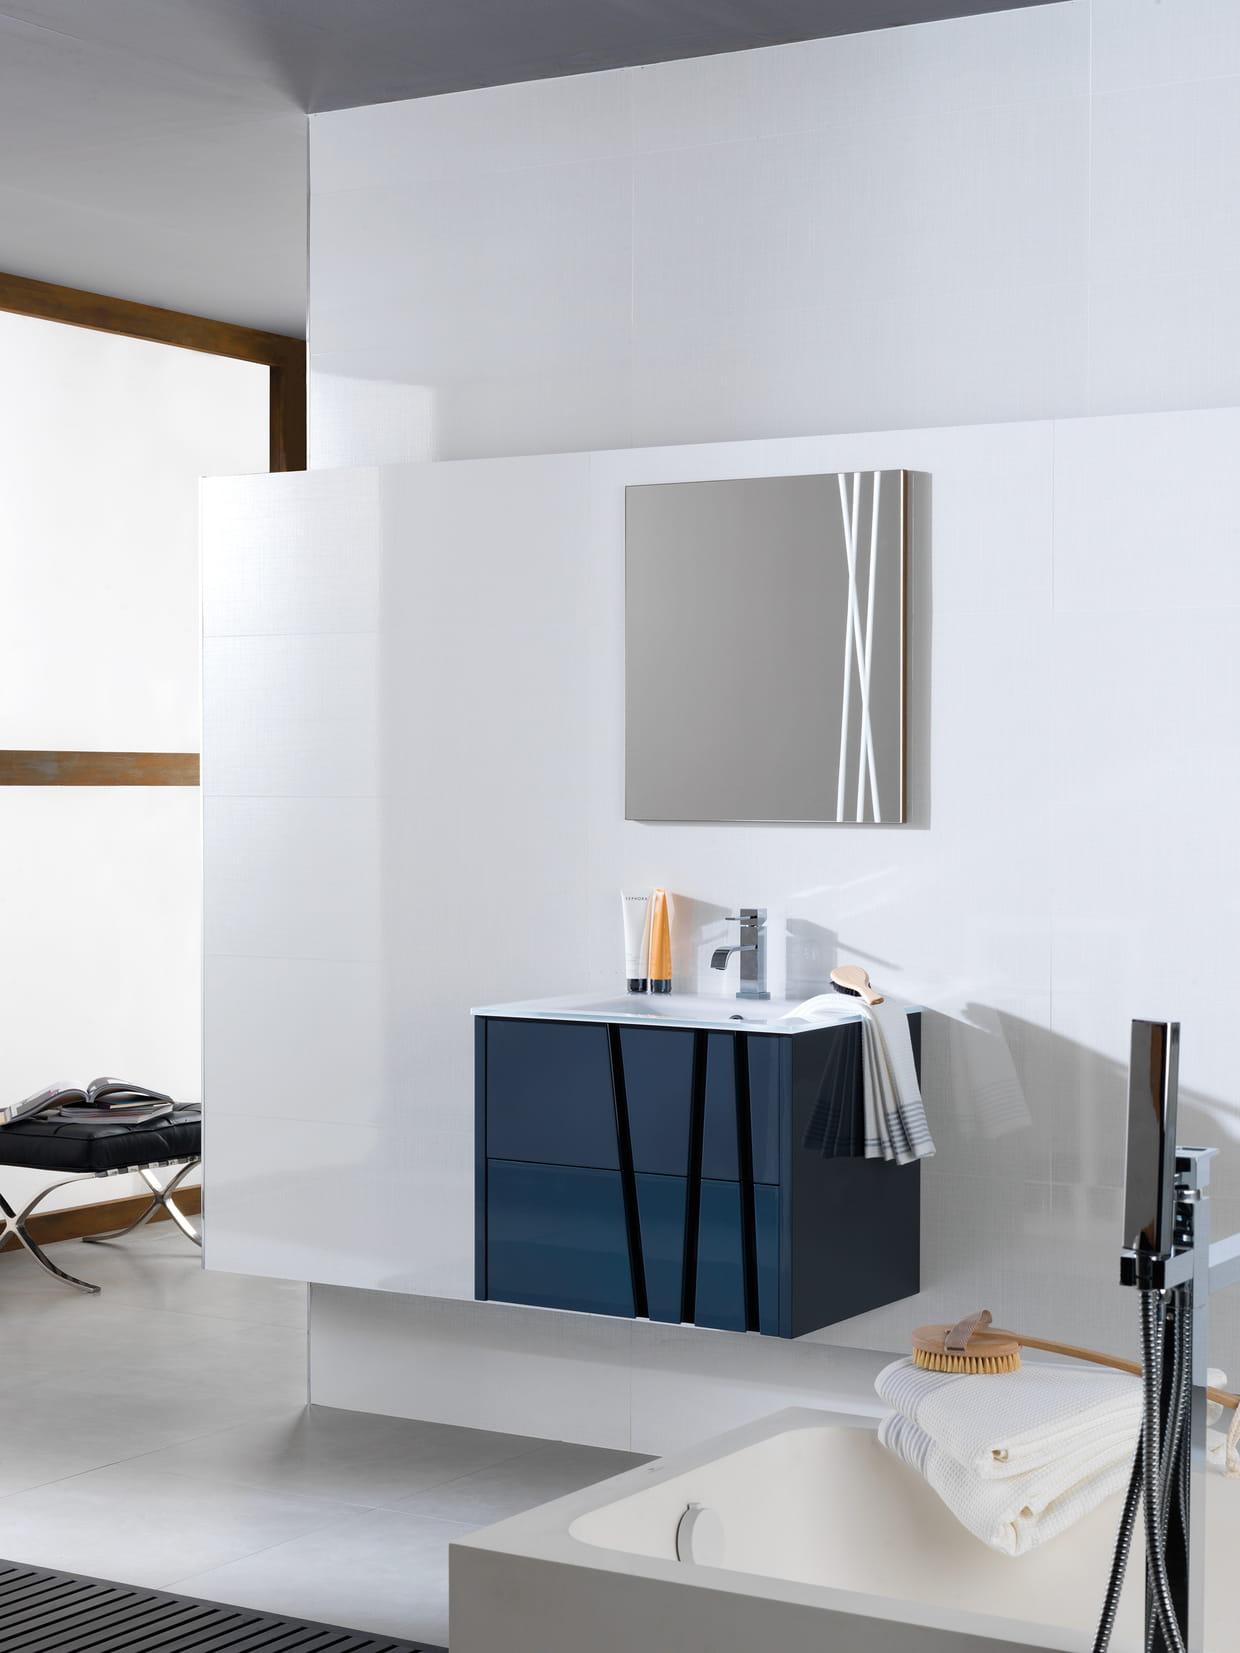 Meuble bambu de porcelanosa - Meuble de salle de bain porcelanosa ...